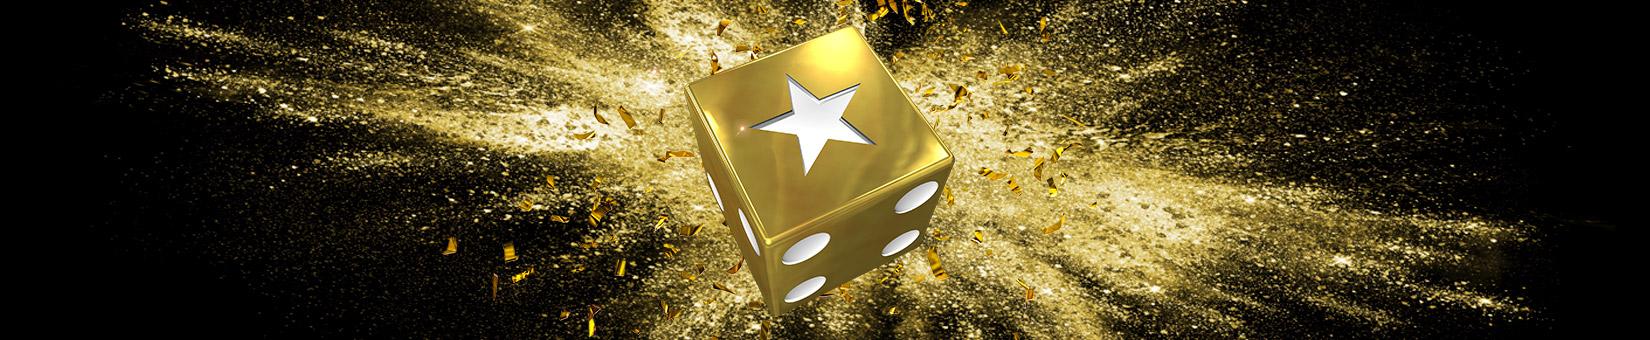 Deposit Bonus Pokerstars Reload